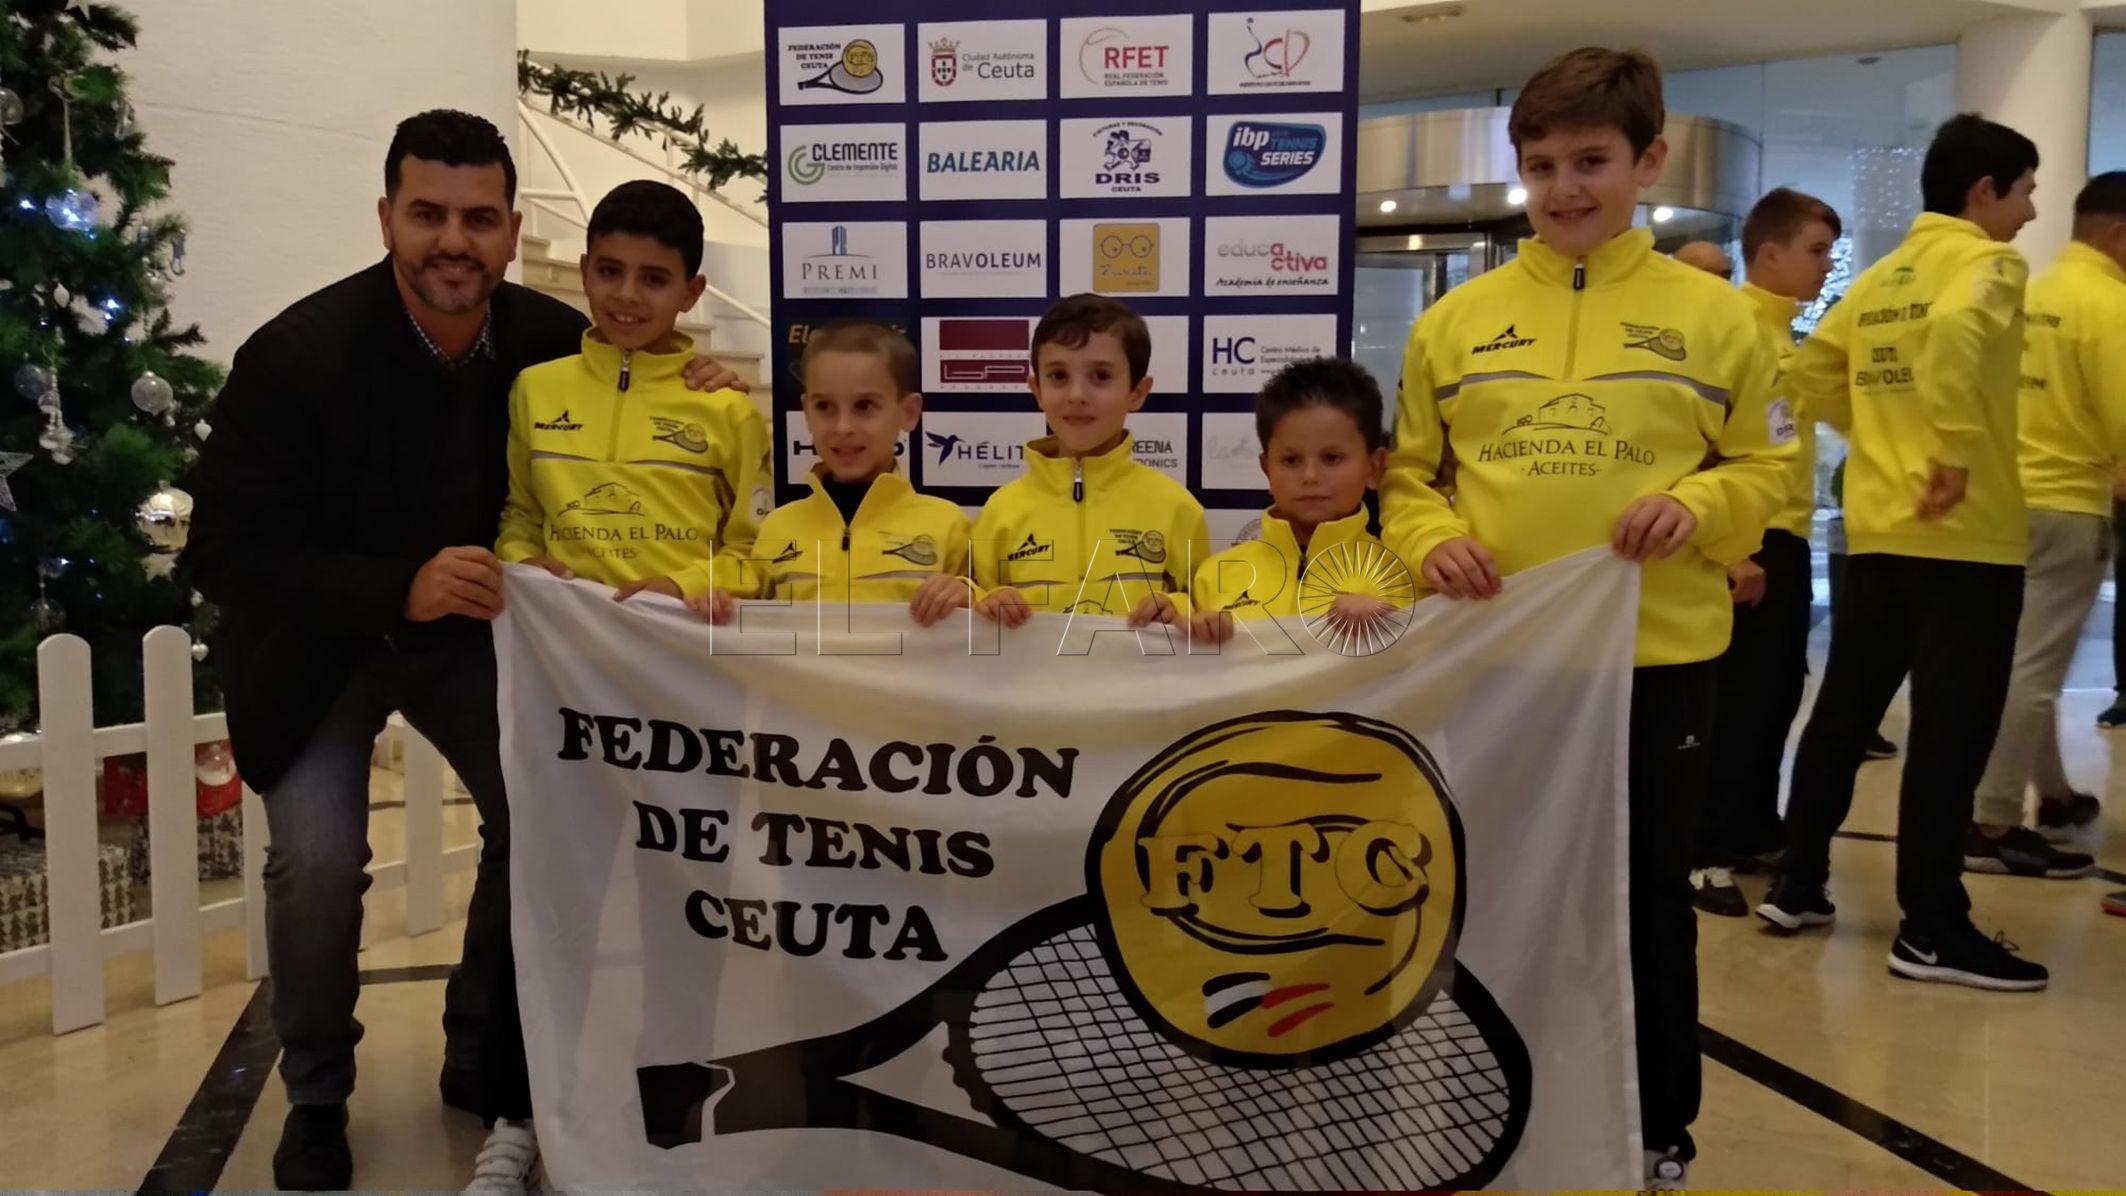 federacion-tenis-ceuta-don-benito-3